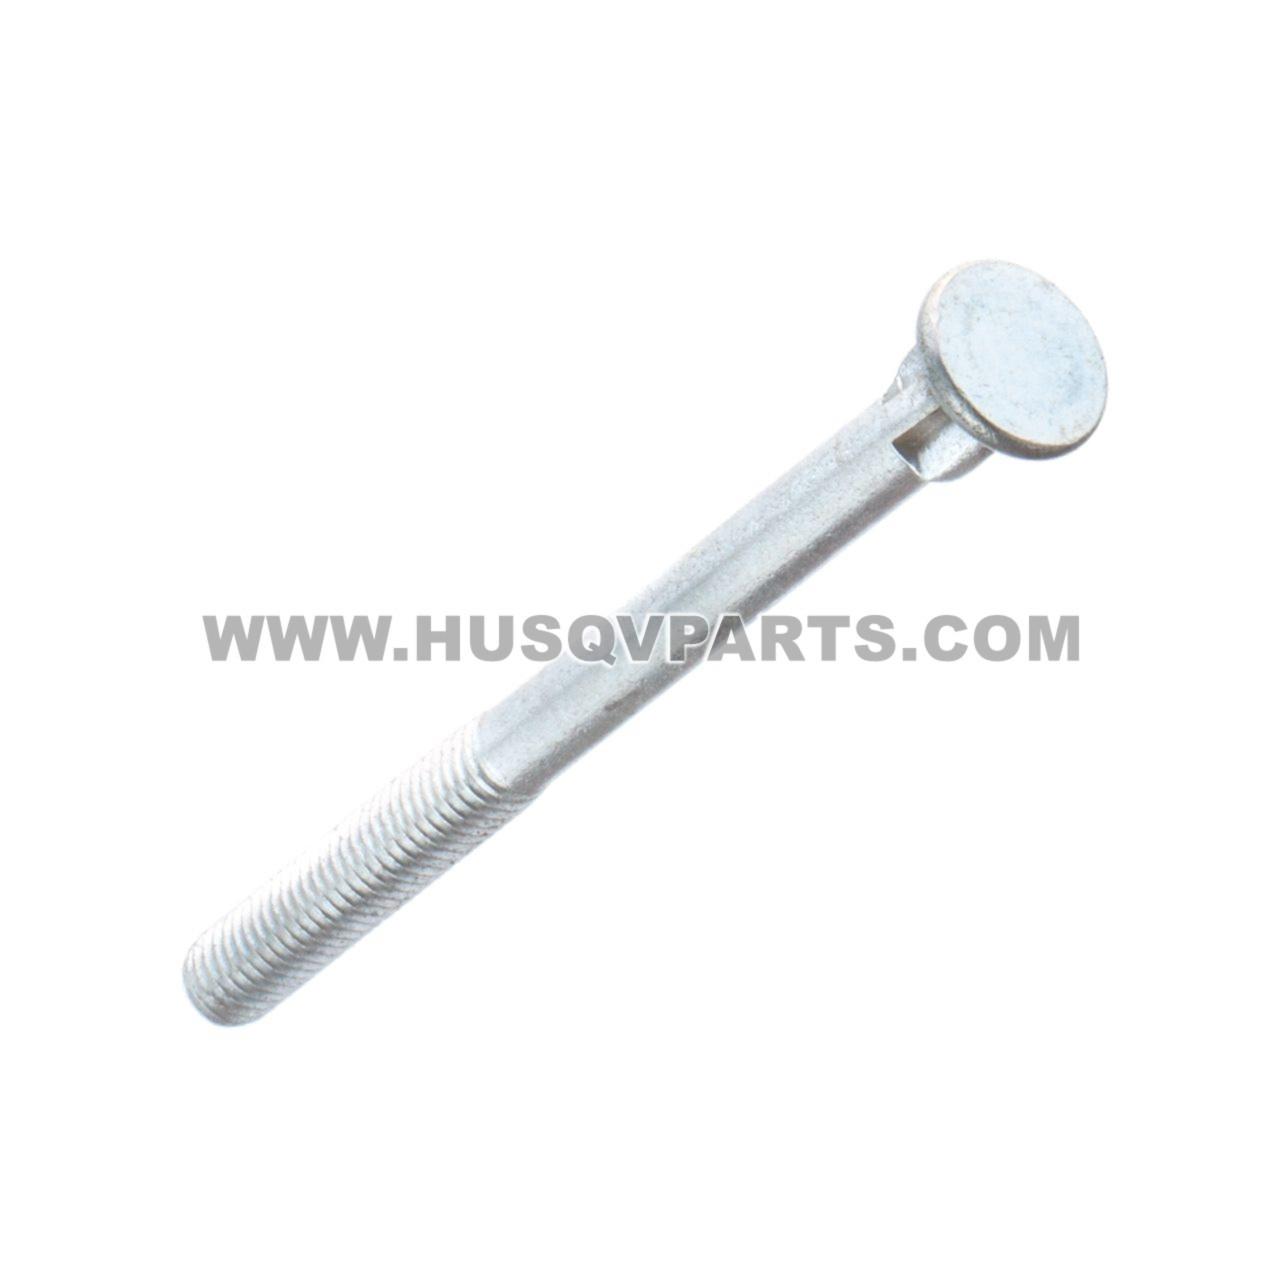 HUSQVARNA Screw 371907401 Image 1